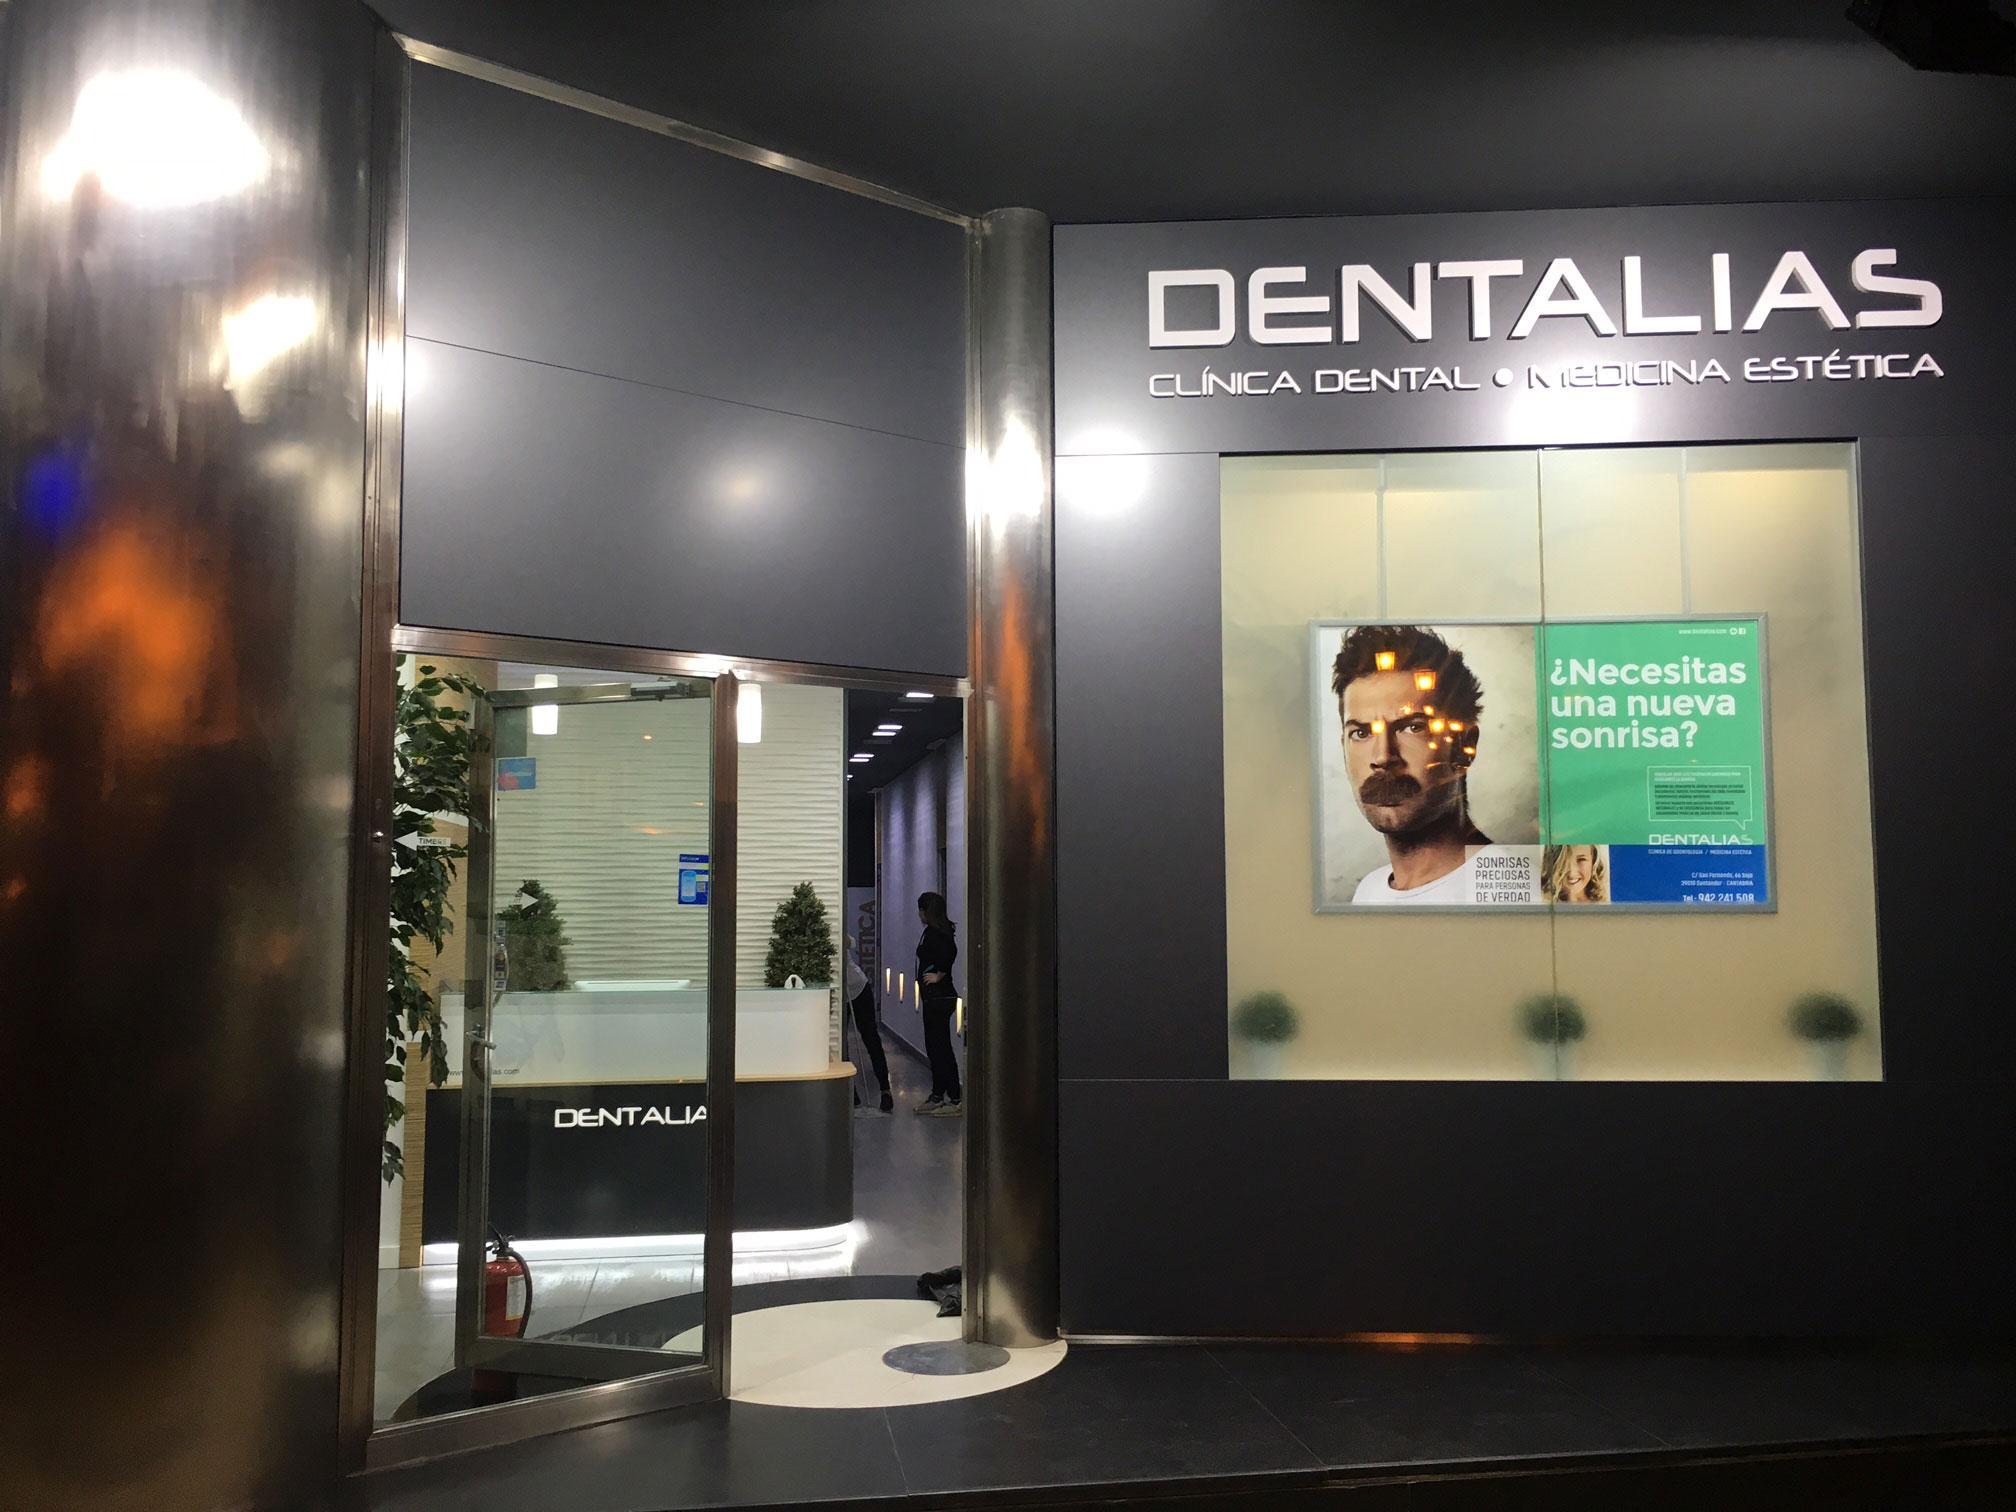 Los mejores Seguros Médicos en Cantabria con Dentalias